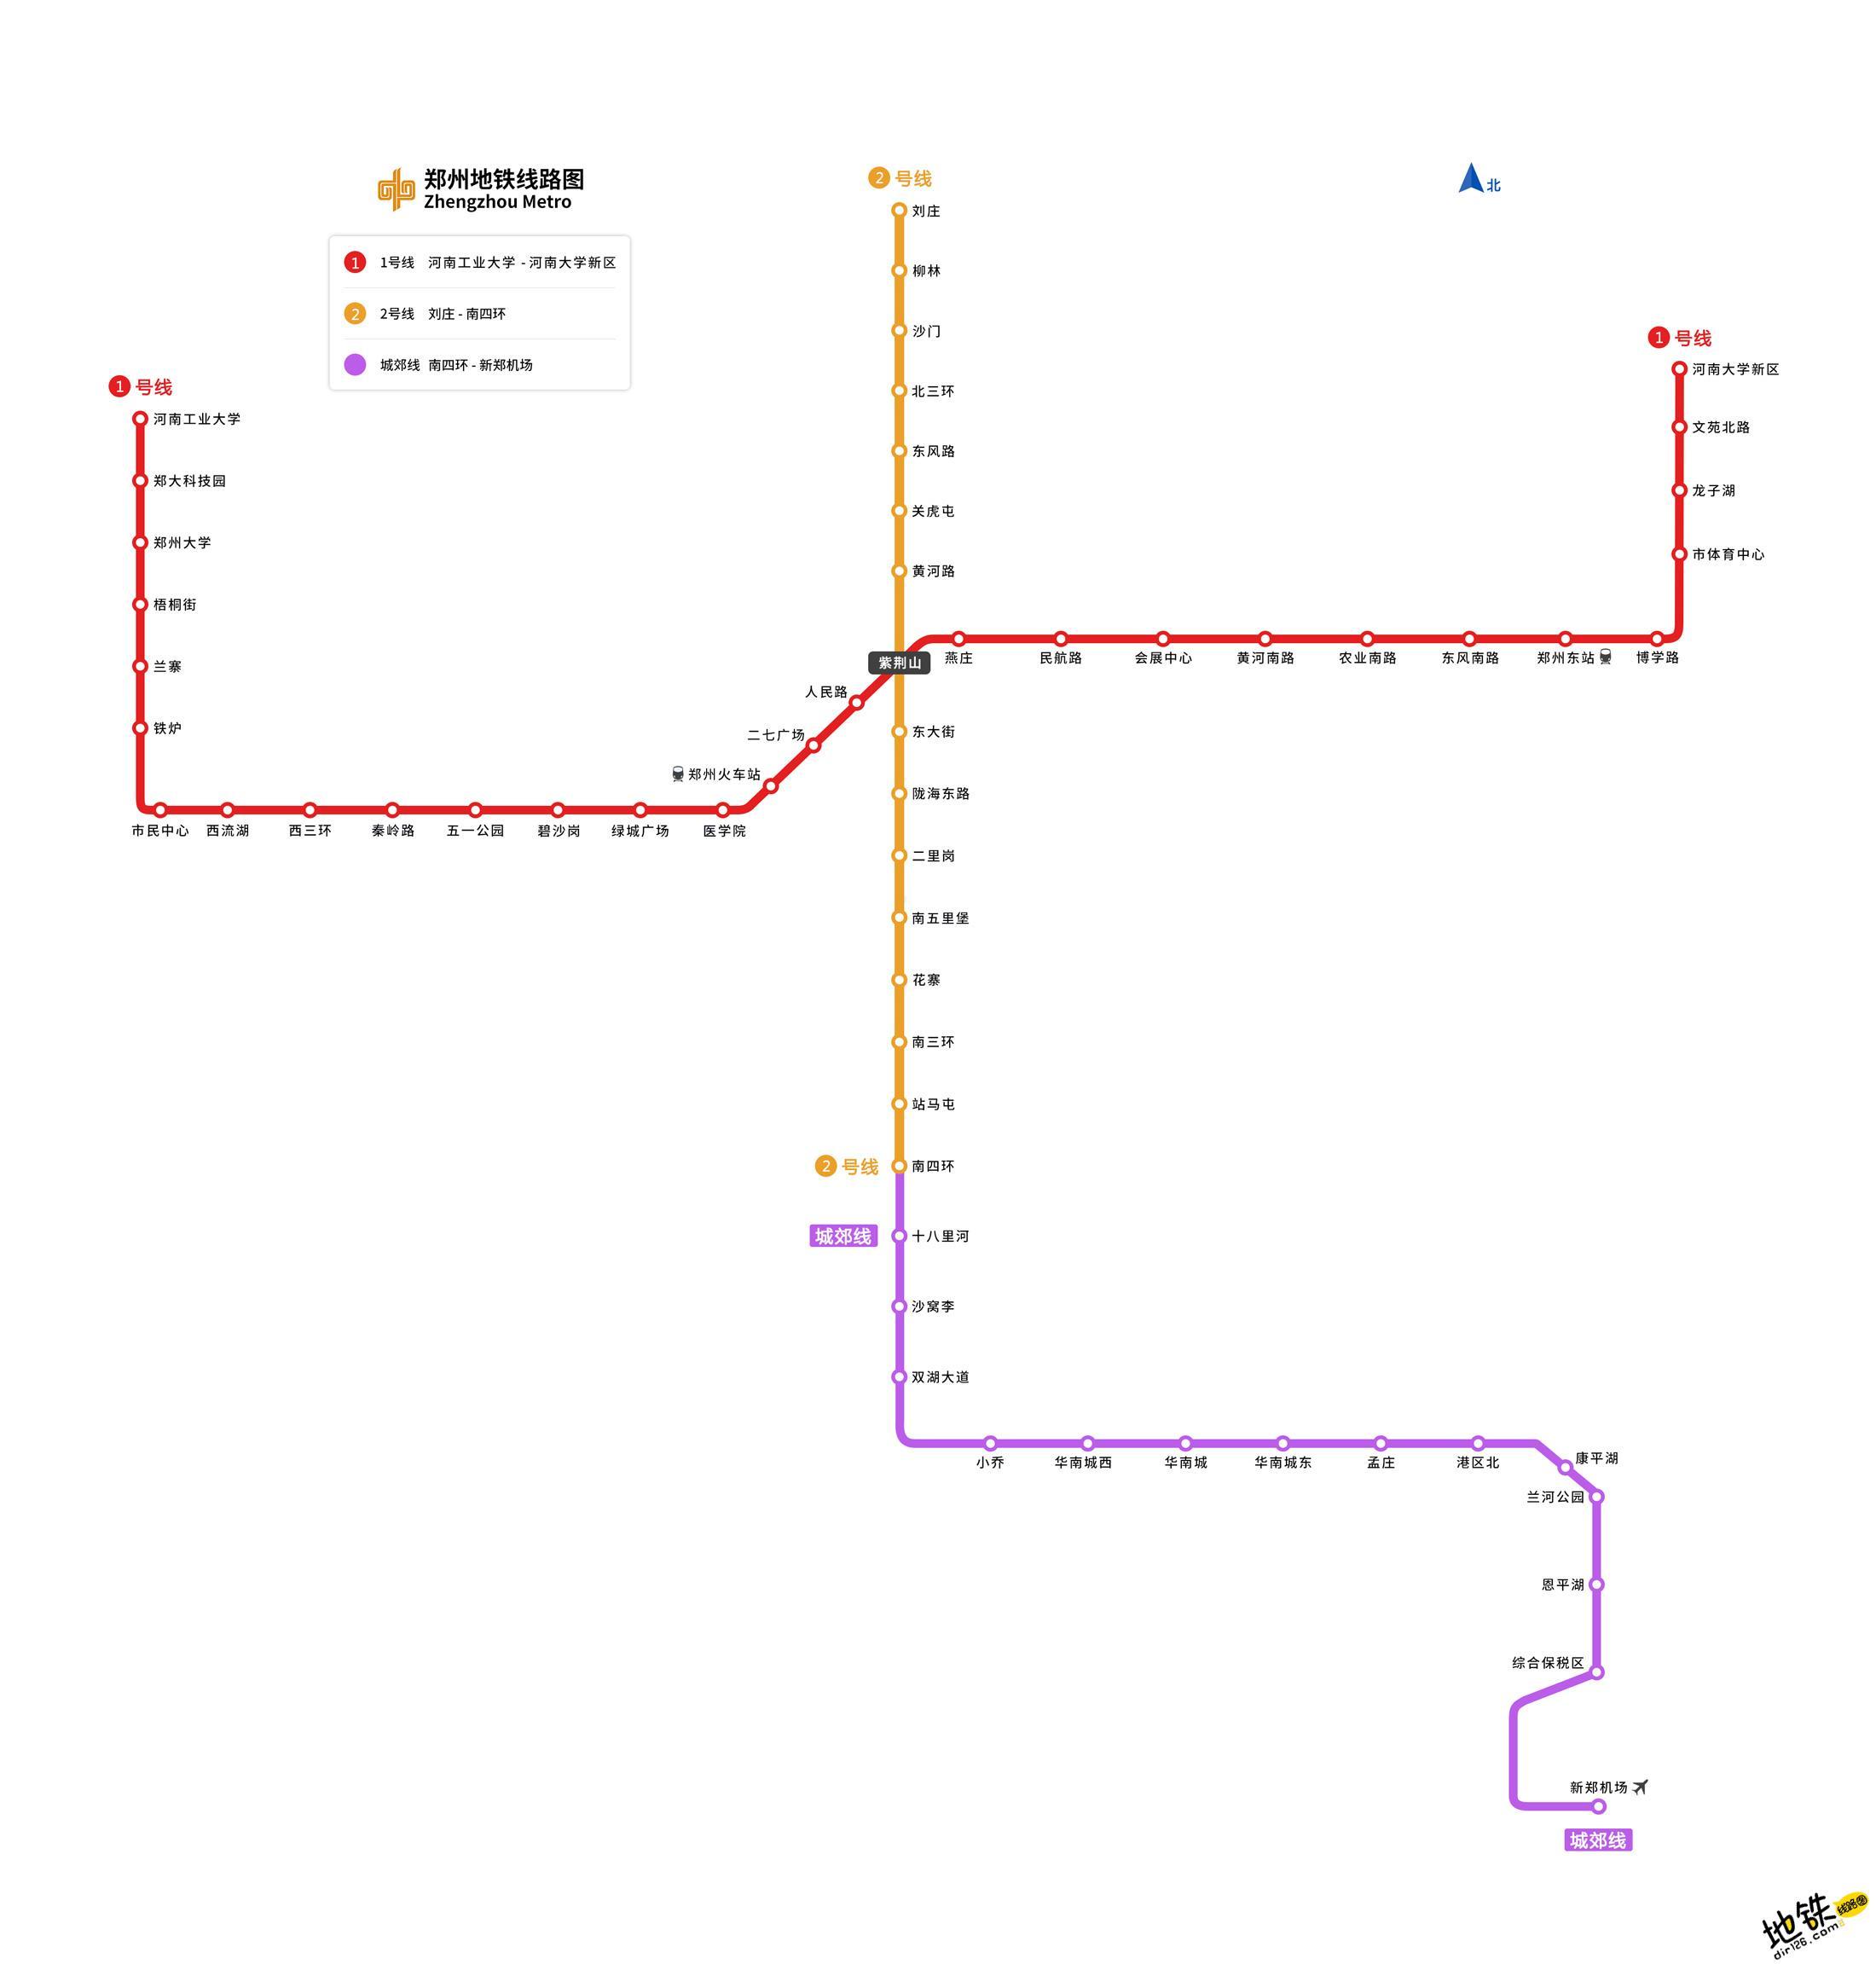 郑州地铁线路图_运营时间票价站点_查询下载 郑州地铁线路图